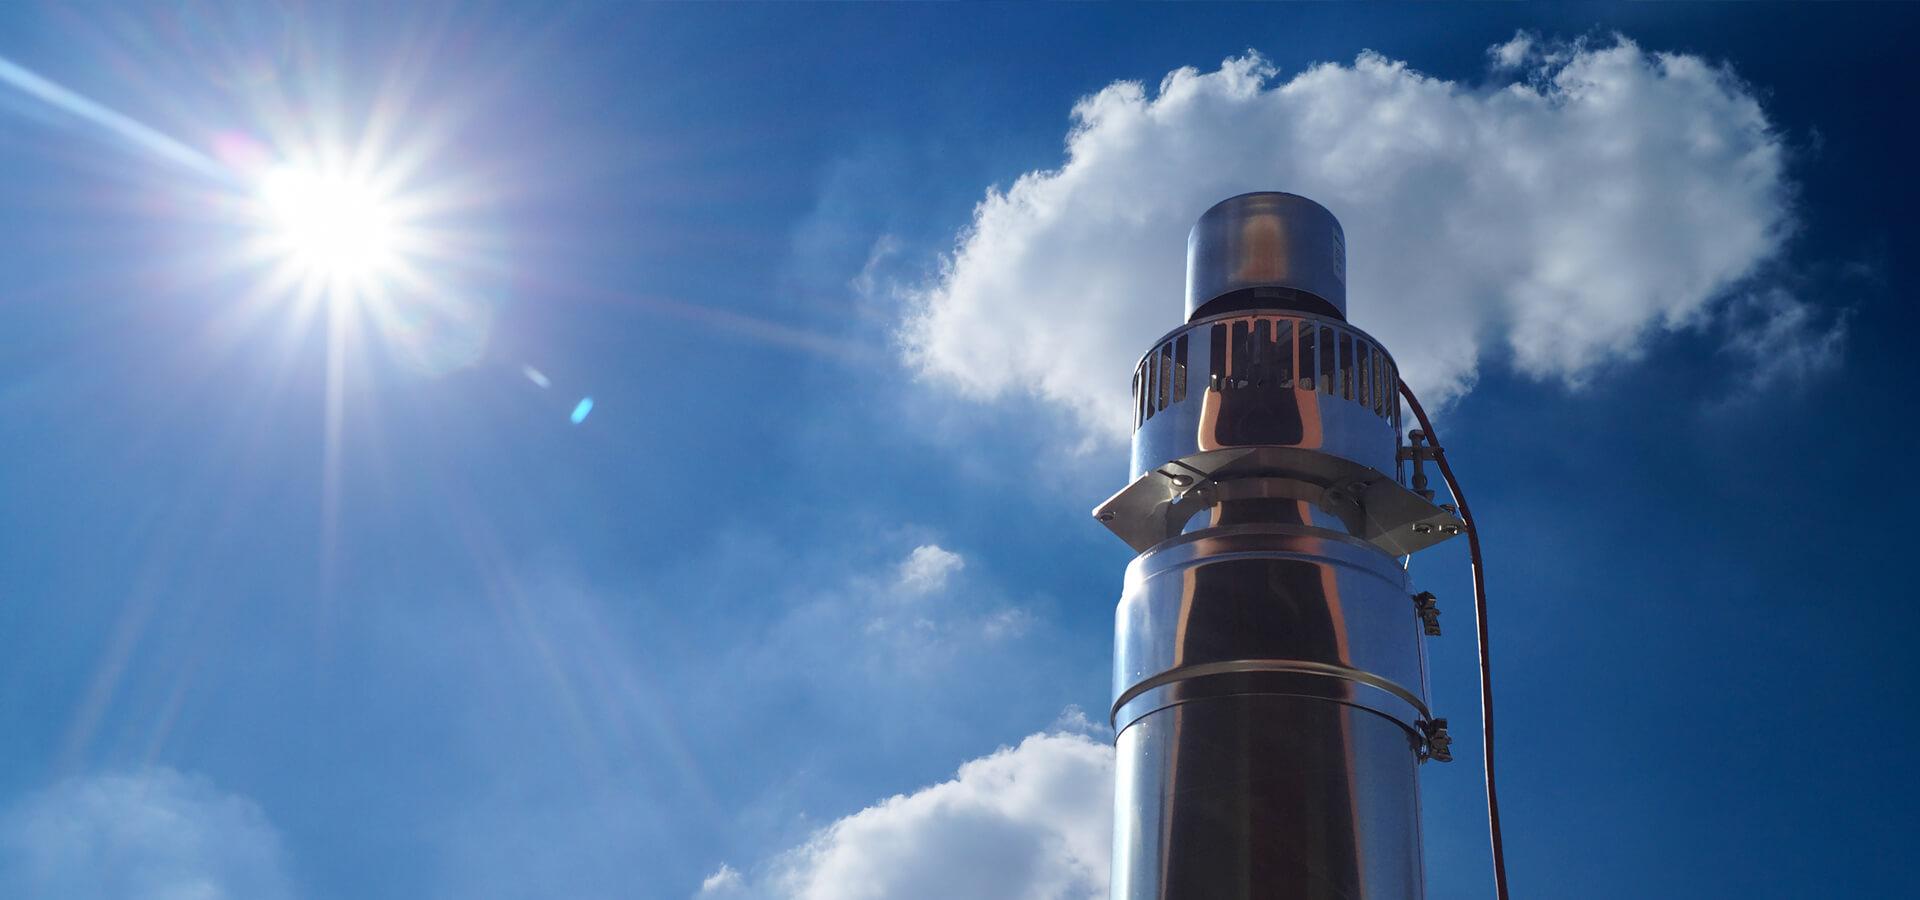 aspirateur-electrique5ad9ff3cea08d